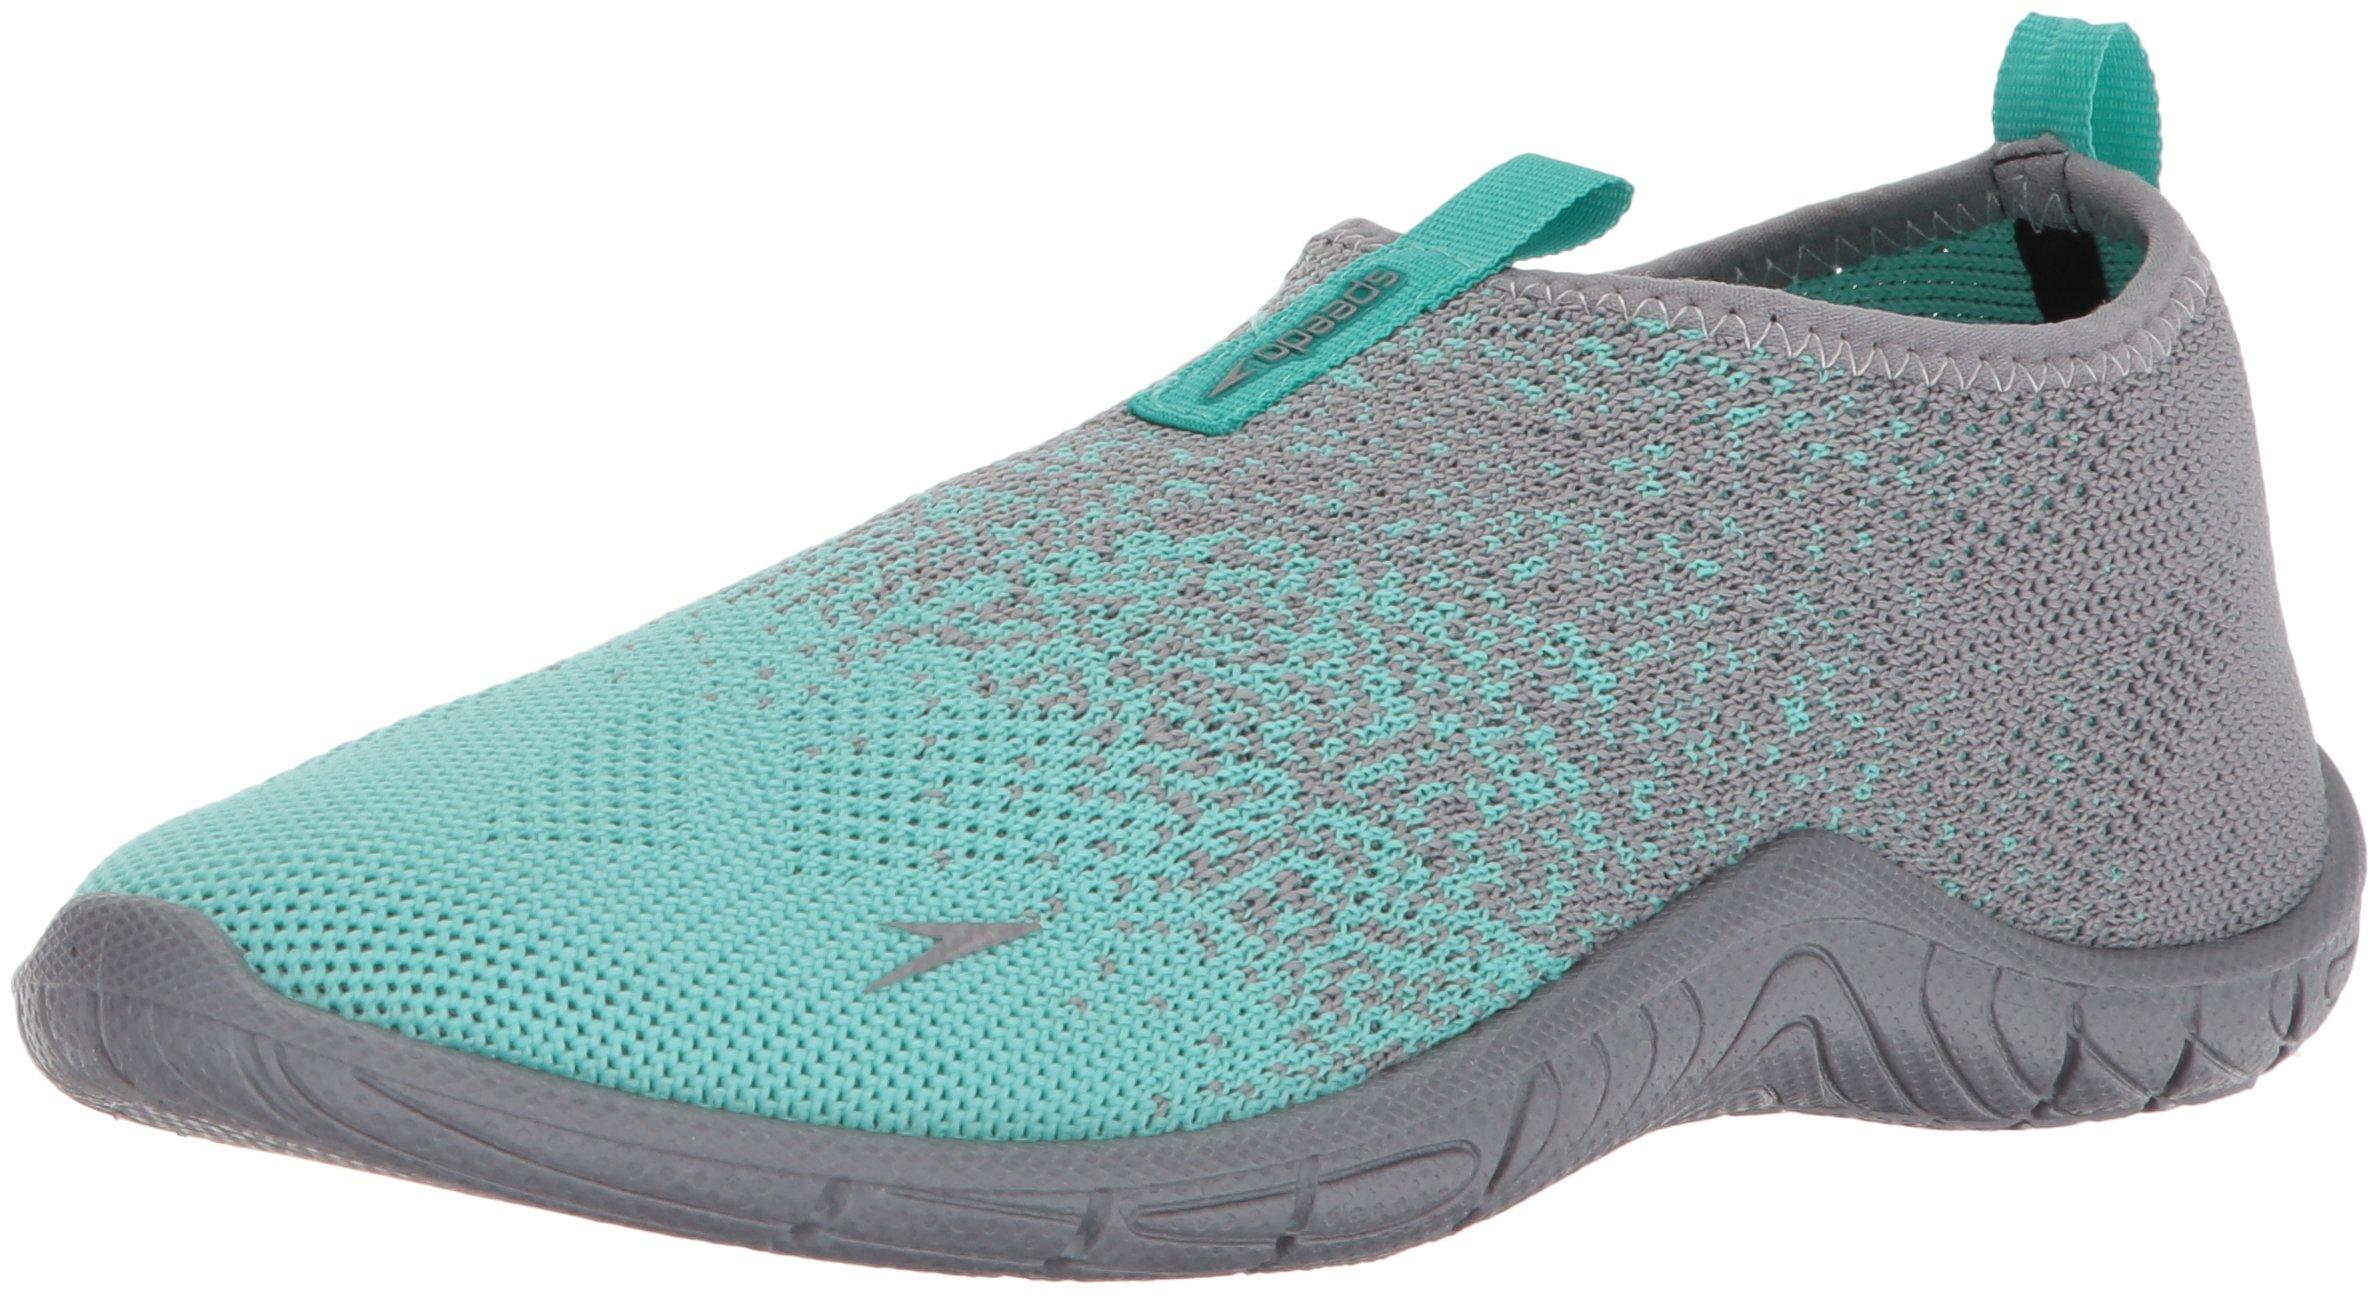 Speedo Women's Surf Knit Water Shoe, Frost Grey, 7 C/D US